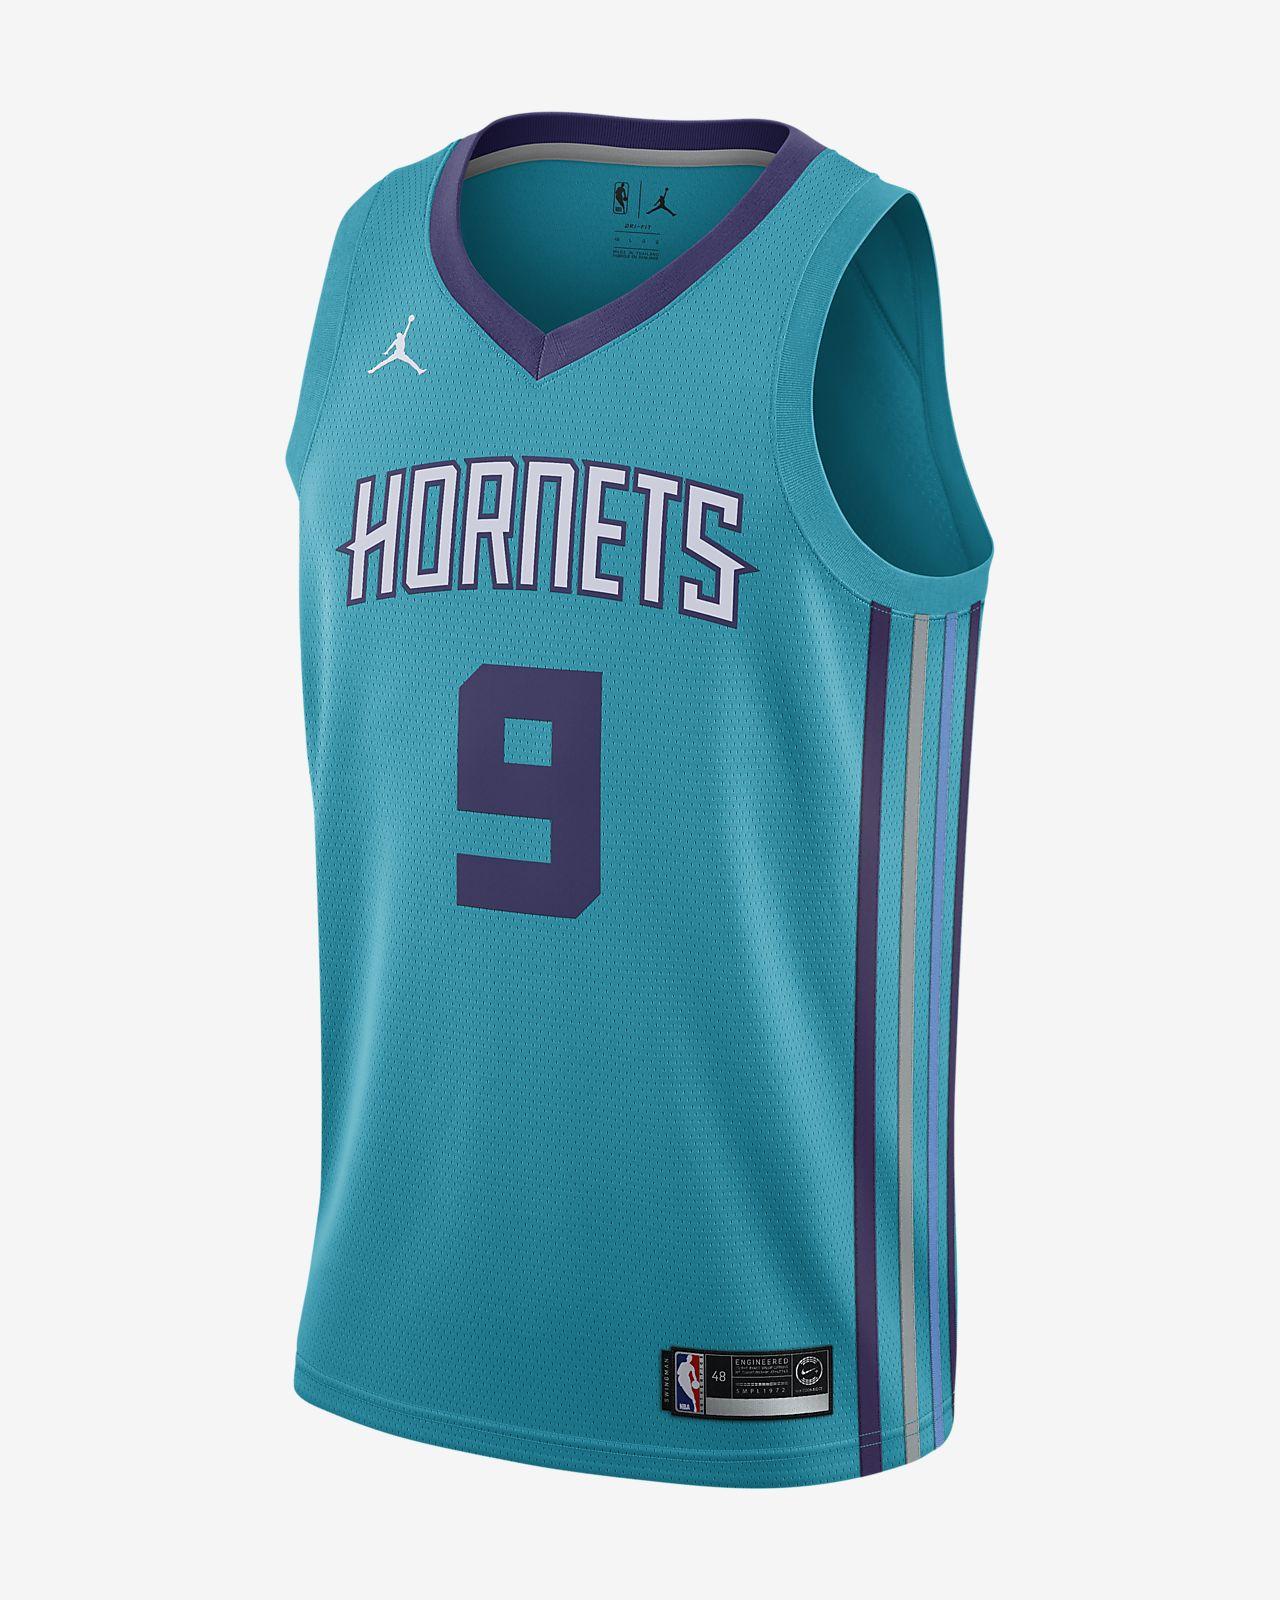 Camiseta conectada Jordan NBA para hombre Icon Edition Swingman (Charlotte Hornets)